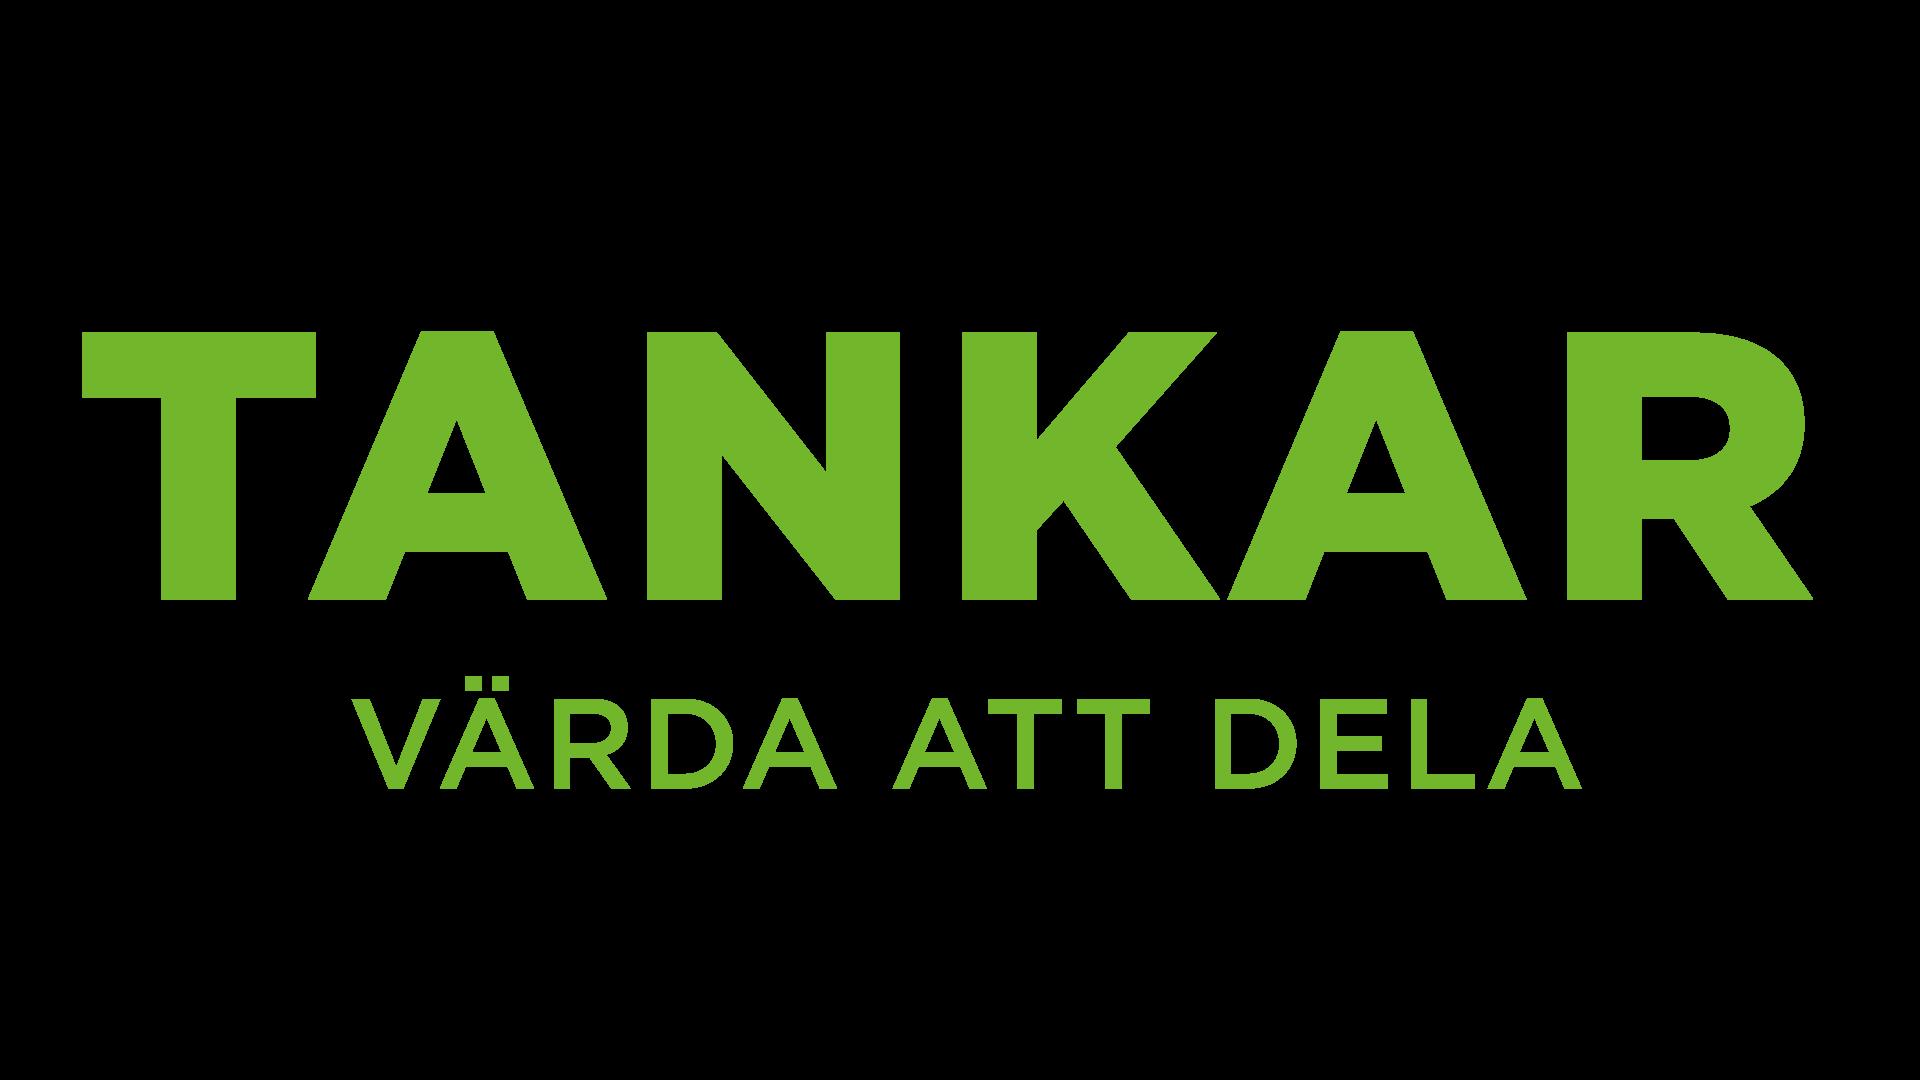 tankar_1920x1080